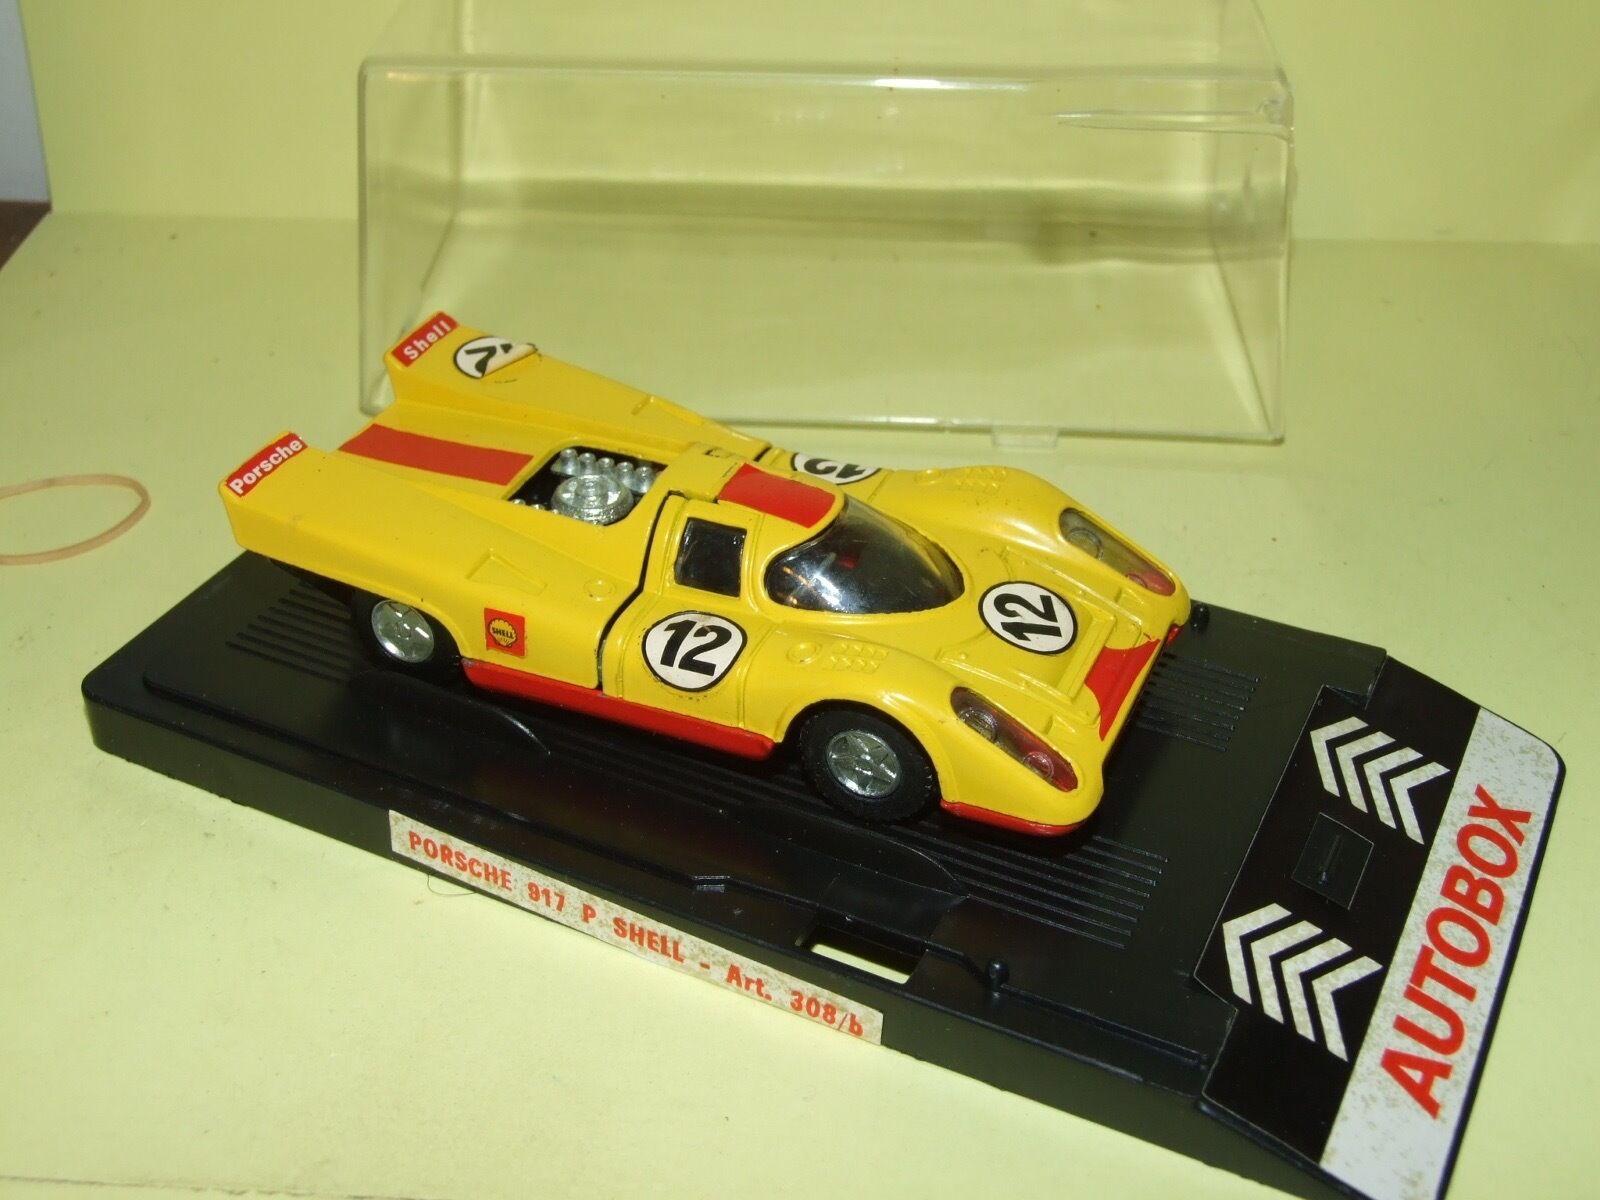 PORSCHE 917 SHELL N°12 MONZA 1970 MERCURY AUTOBOX 308 b 1 43 Arrivée 11èm défaut